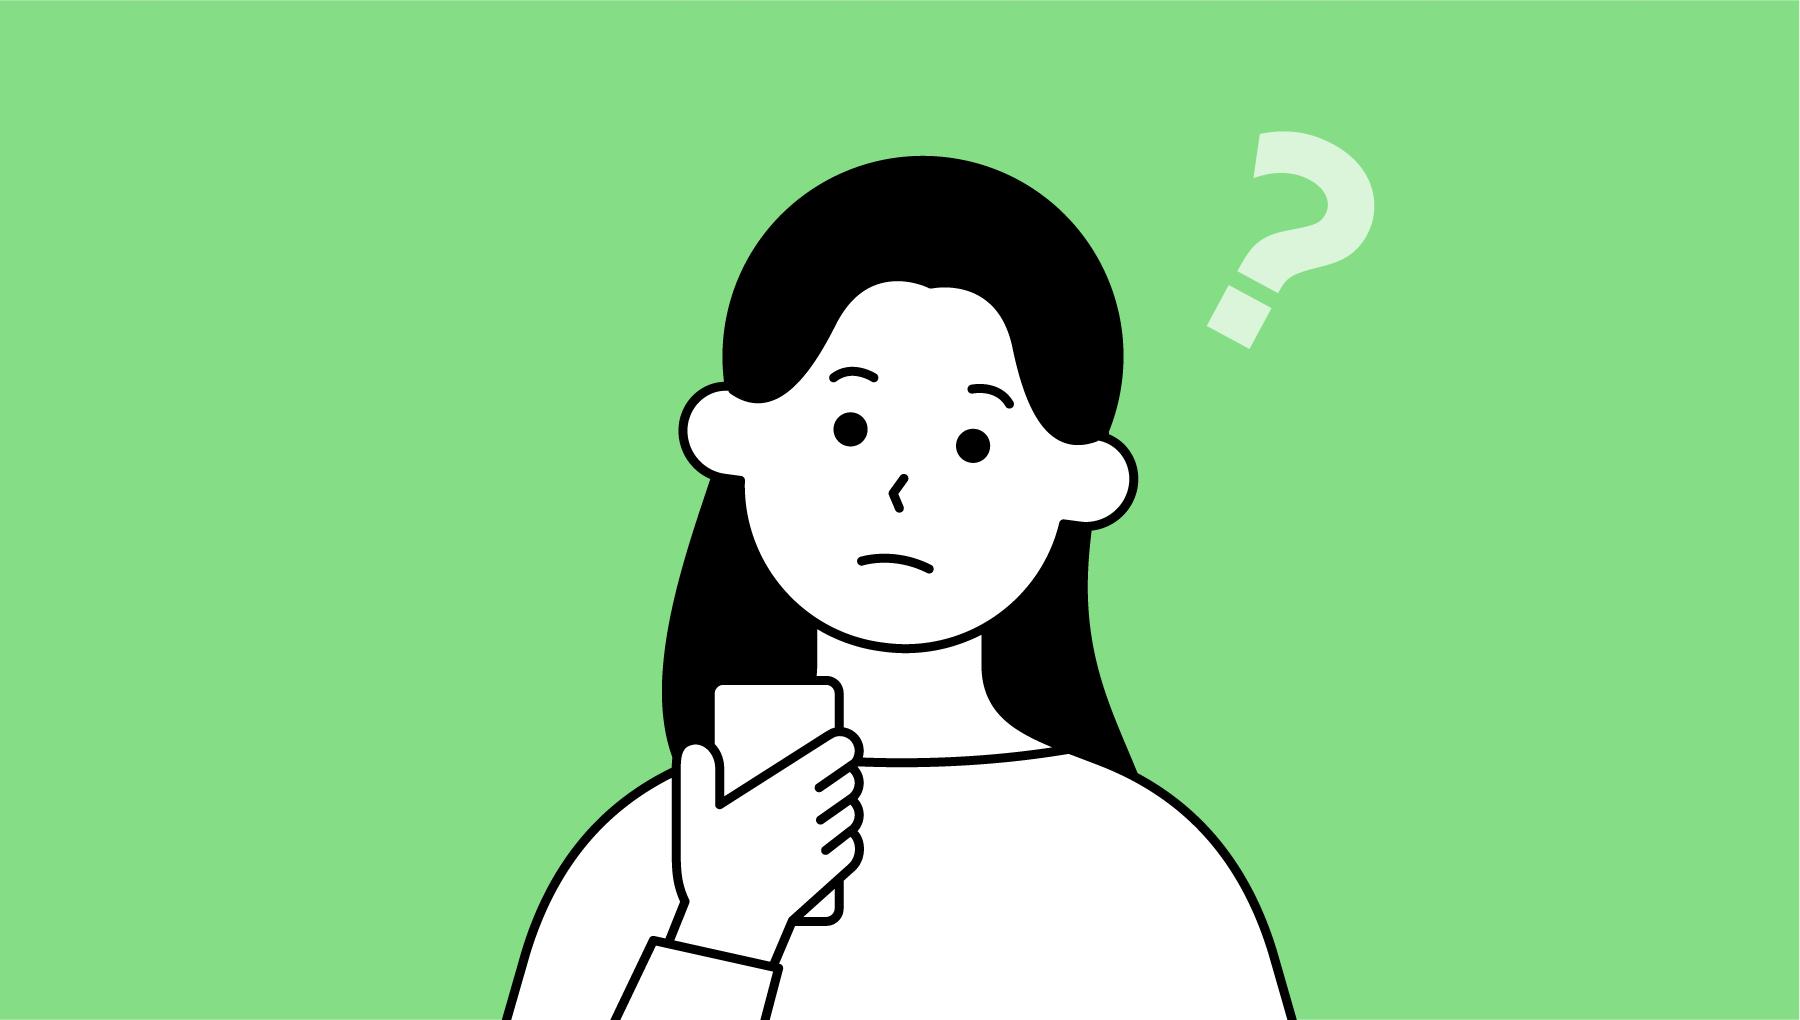 格安SIMってその日のうちに契約できるの?即日契約するために準備すべきものって?